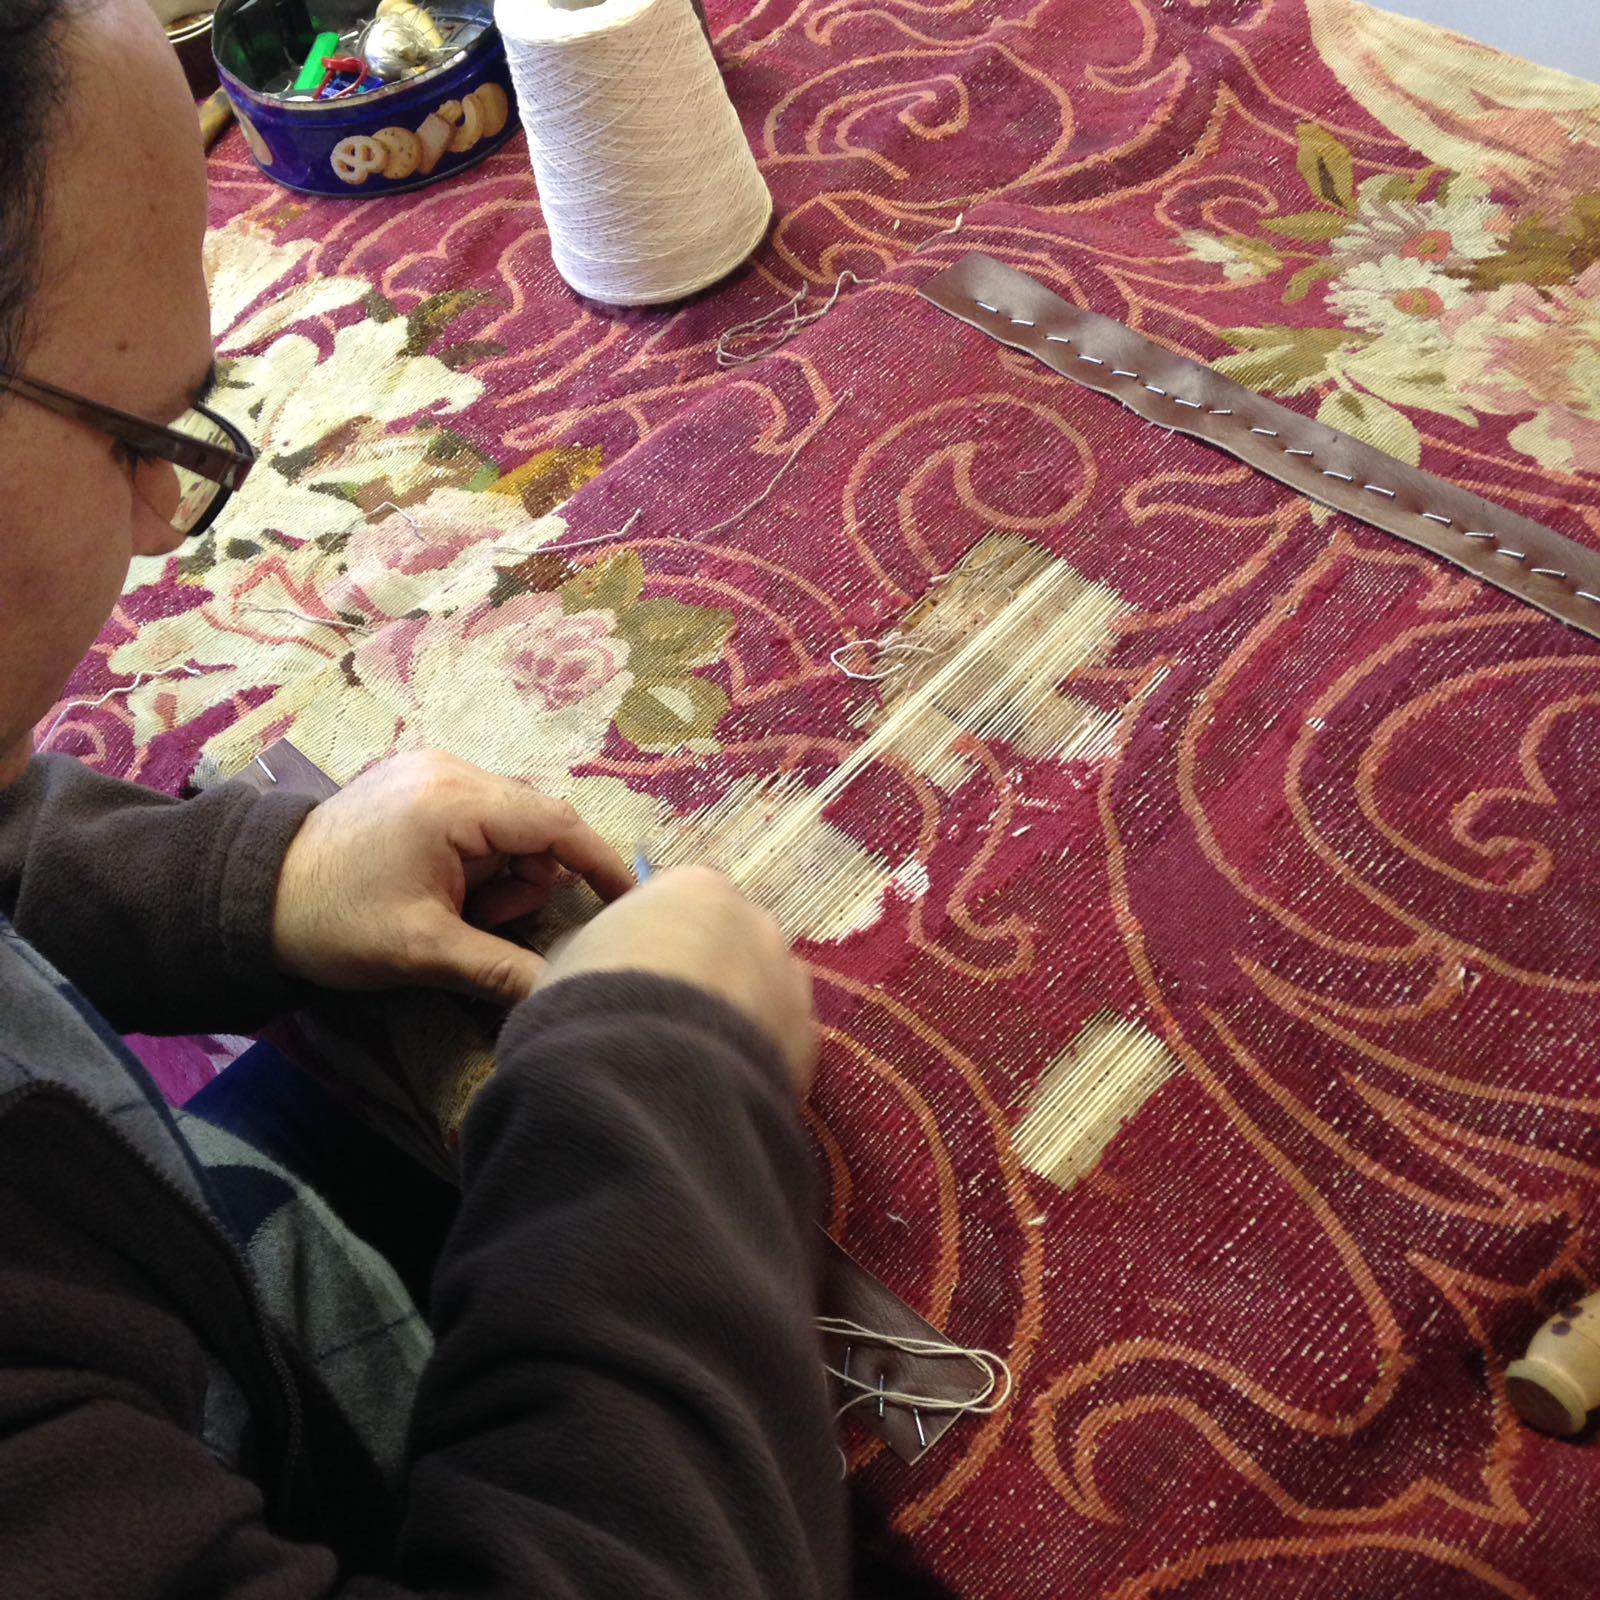 Esperto durante la riparazione di un tappeto